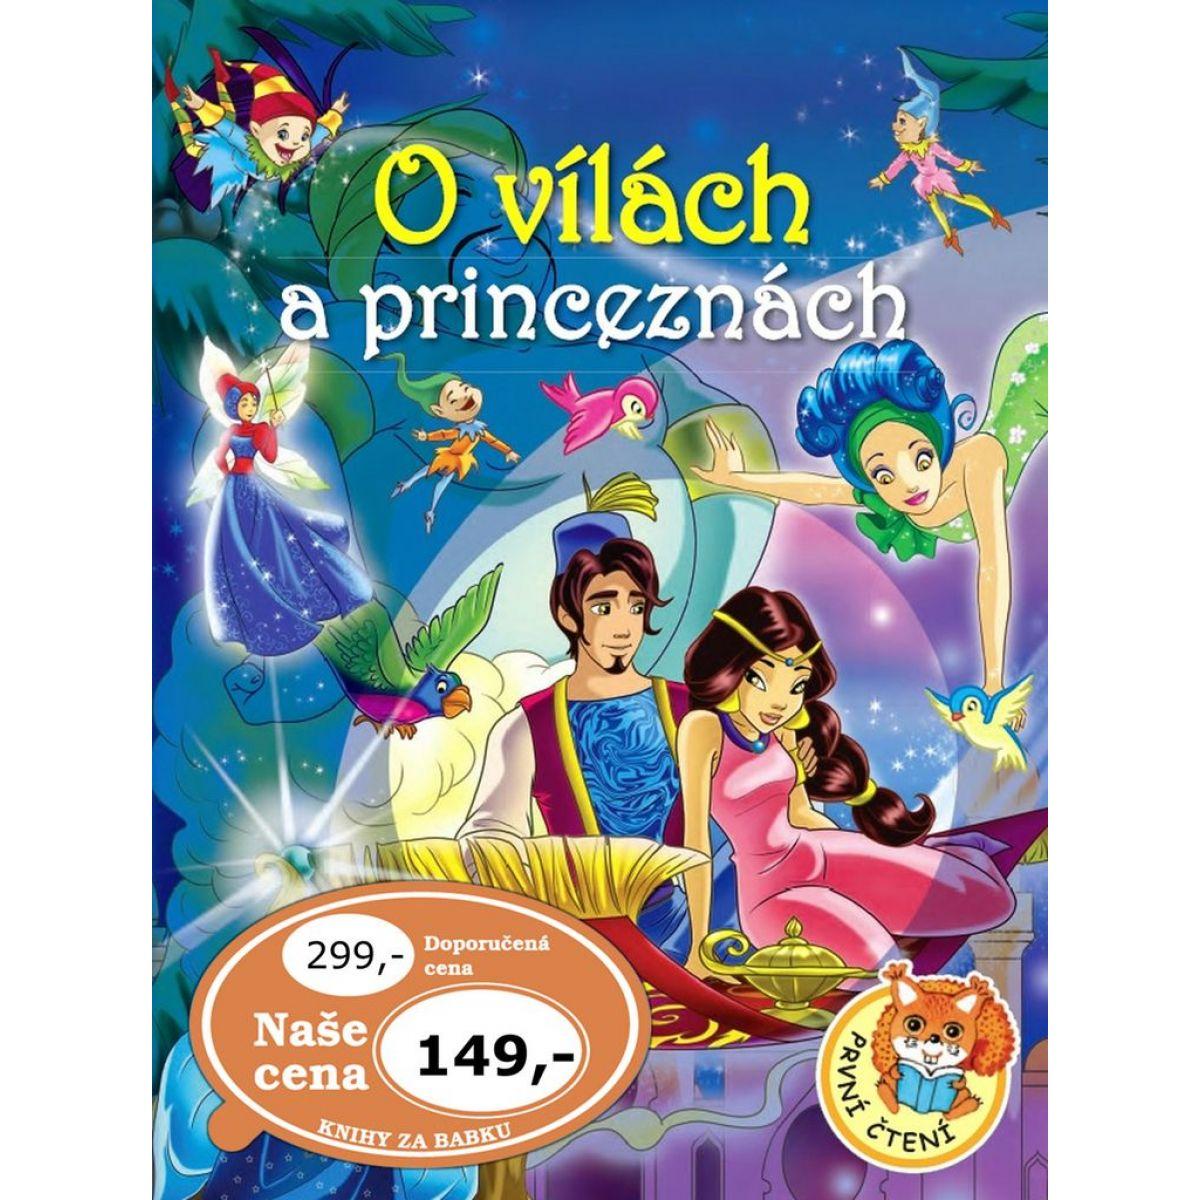 O vílach a princeznách